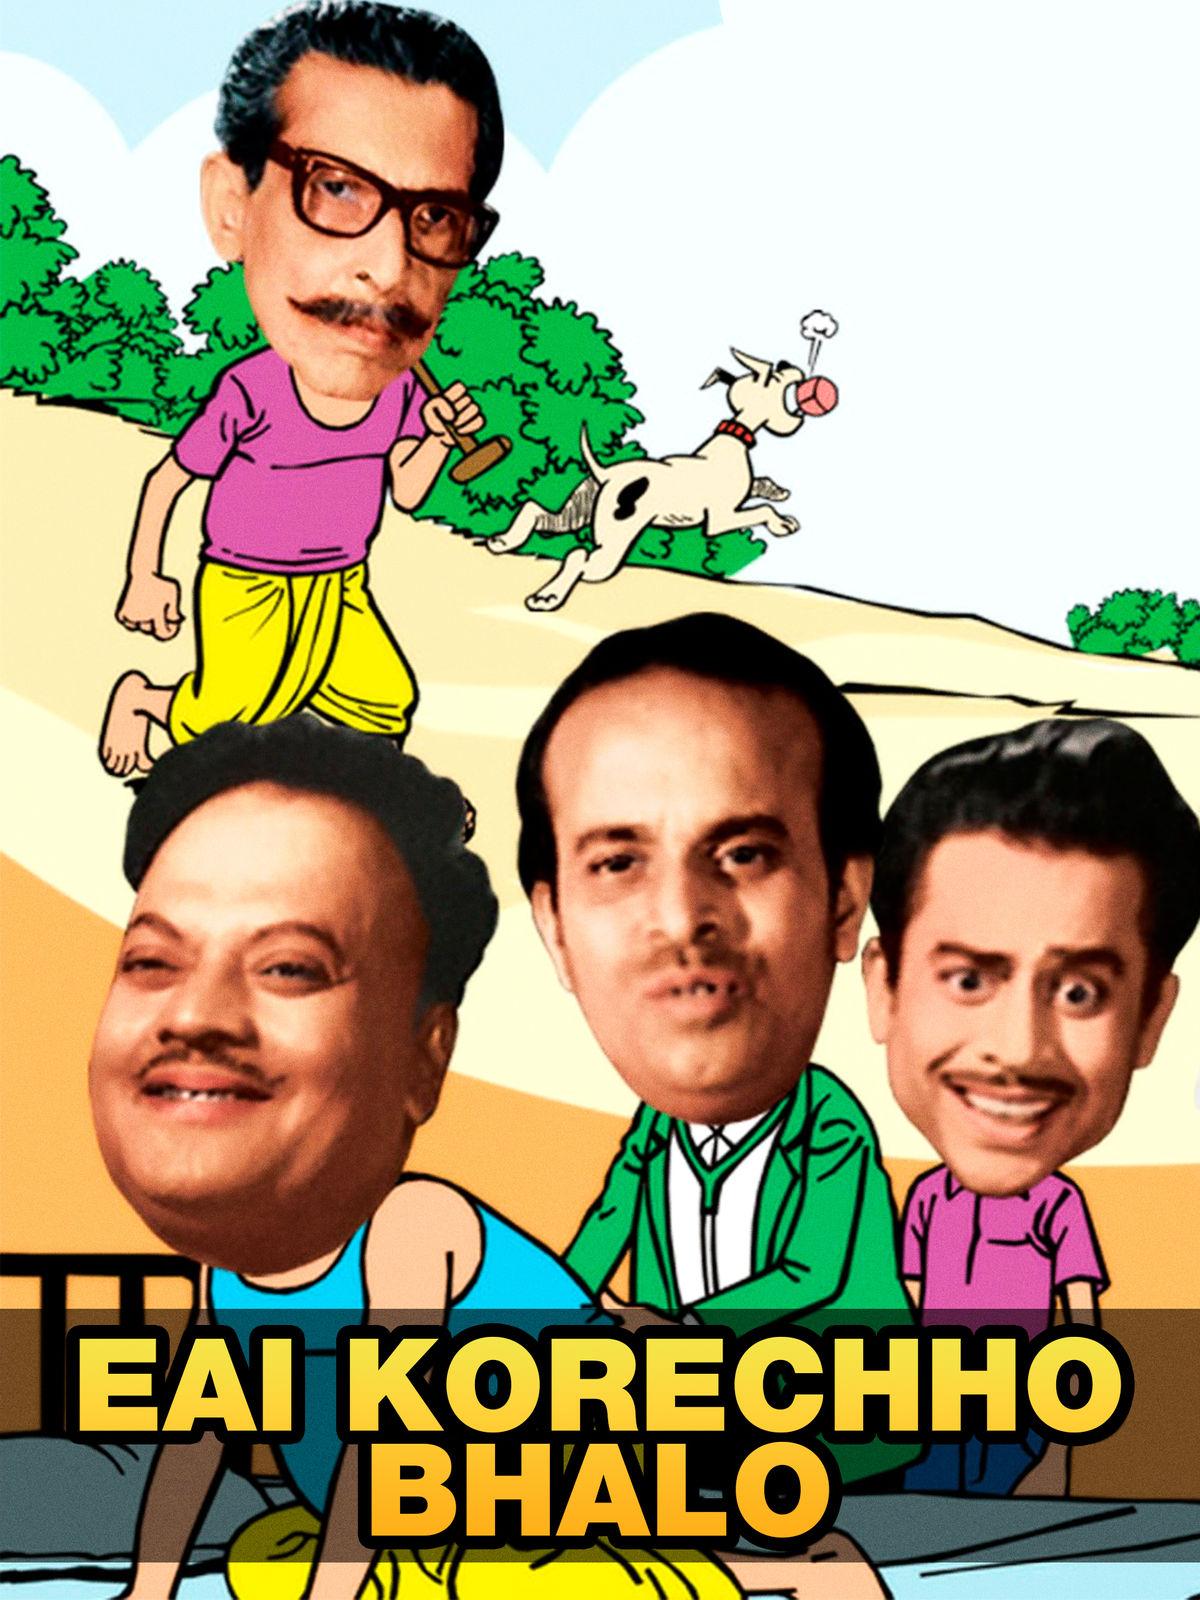 Eai Korechho Bhalo